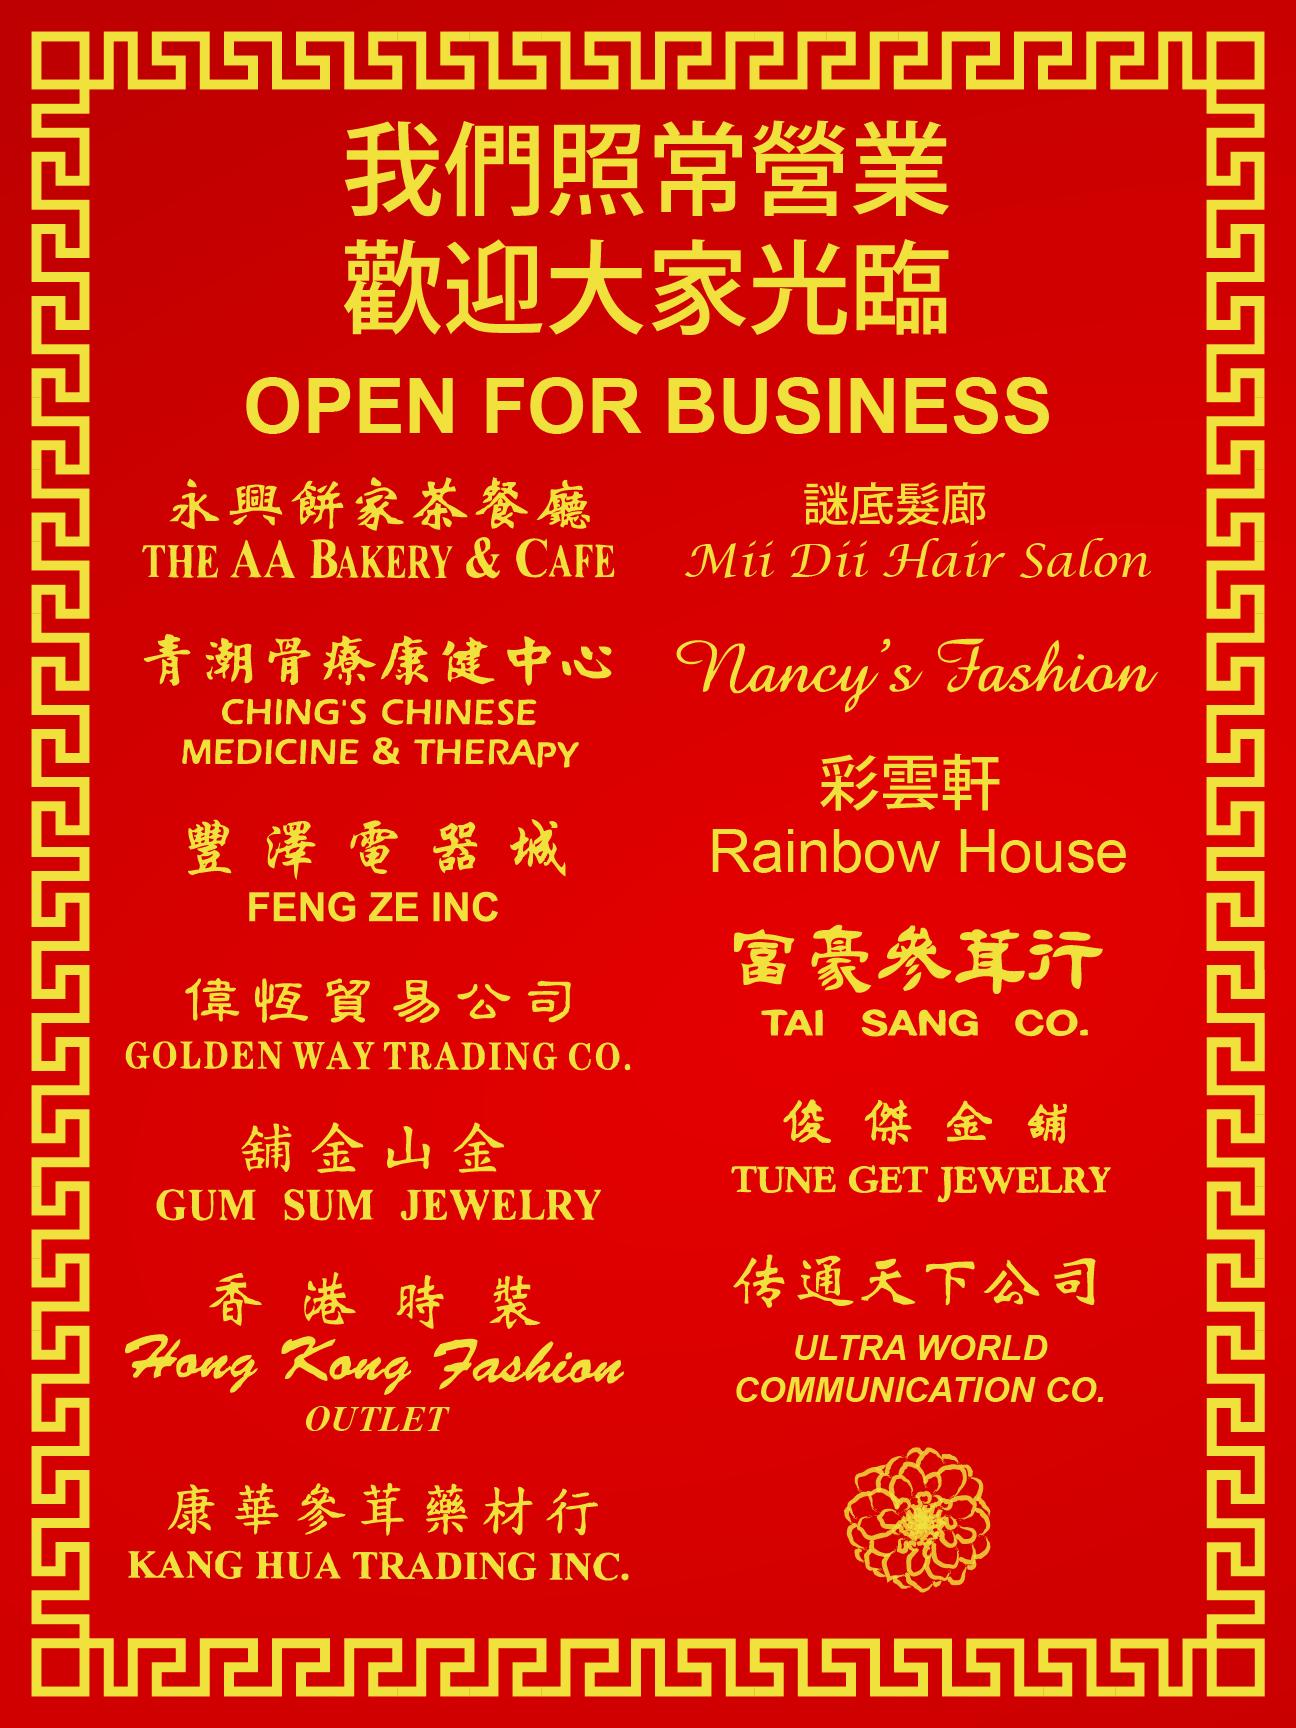 business_banner_v1-01.jpg